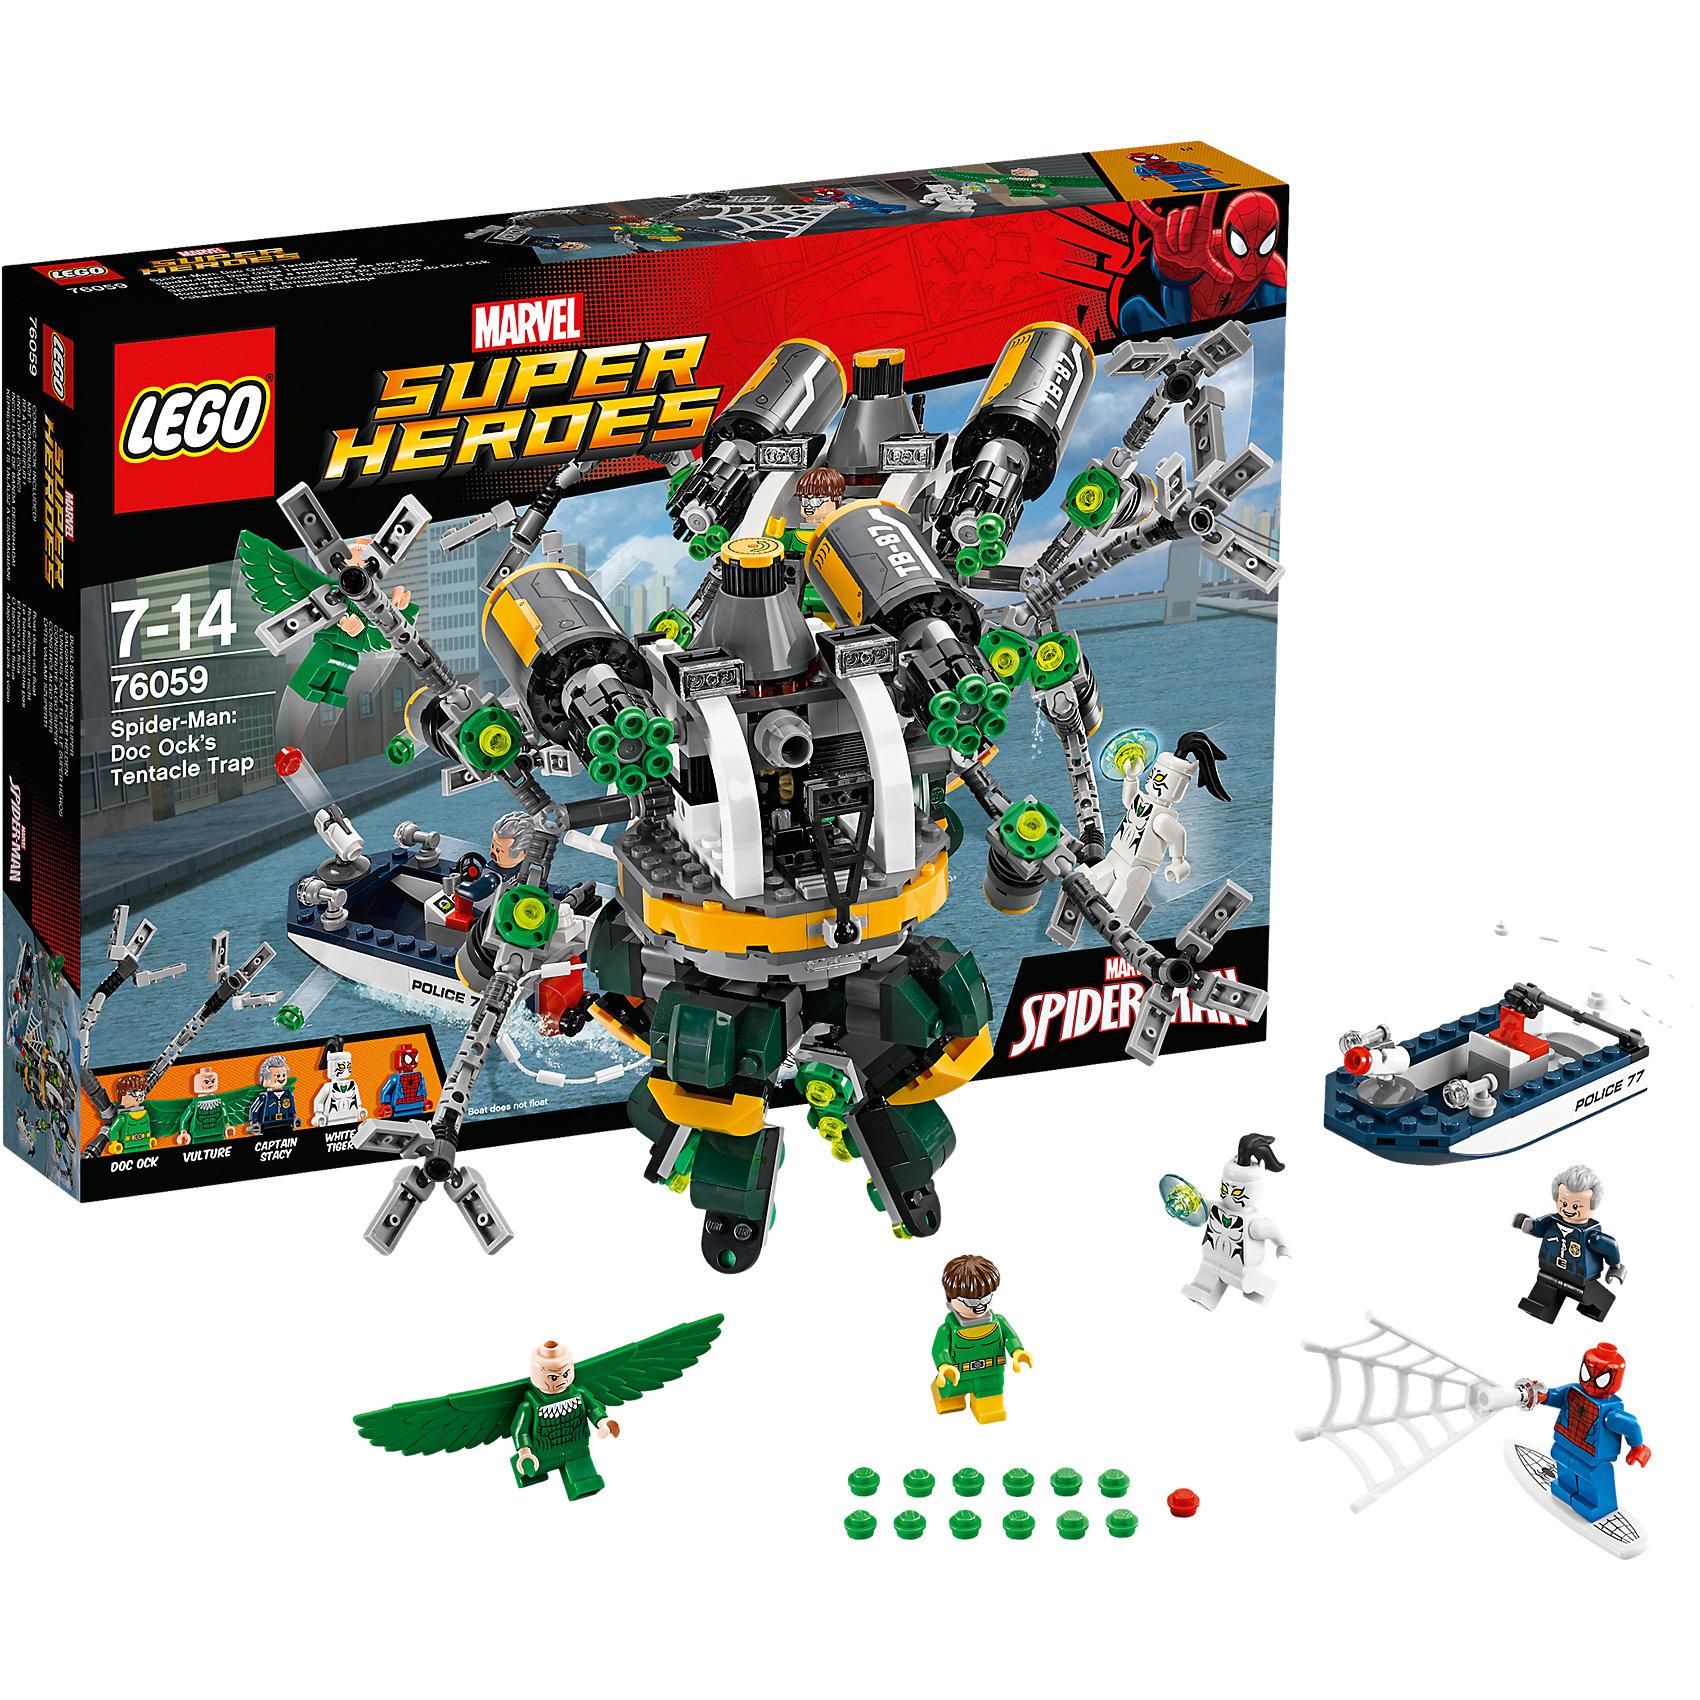 LEGO Super Heroes 76059: Человек-паук: в ловушке Доктора ОсьминогаПластмассовые конструкторы<br>Человека-Паука обожает множество современных мальчишек, поэтому набор Лего, из которого можно собрать разные сюжеты про его подвиги, обязательно порадует ребенка. Такие игрушки помогают детям развивать воображение, мелкую моторику, логику и творческое мышление.<br>Набор состоит из множества деталей, с помощью которых можно  собрать декорации для супергероя, а также в нем есть фигурки любимых персонажей и злодеев! С таким комплектом можно придумать множество игр!<br><br>Дополнительная информация:<br><br>цвет: разноцветный;<br>материал: пластик;<br>количество деталей: 446.<br><br>Набор Человек-паук: в ловушке Доктора Осьминога от бренда LEGO Super Heroes можно купить в нашем магазине.<br><br>Ширина мм: 385<br>Глубина мм: 261<br>Высота мм: 60<br>Вес г: 621<br>Возраст от месяцев: 84<br>Возраст до месяцев: 168<br>Пол: Мужской<br>Возраст: Детский<br>SKU: 4641199